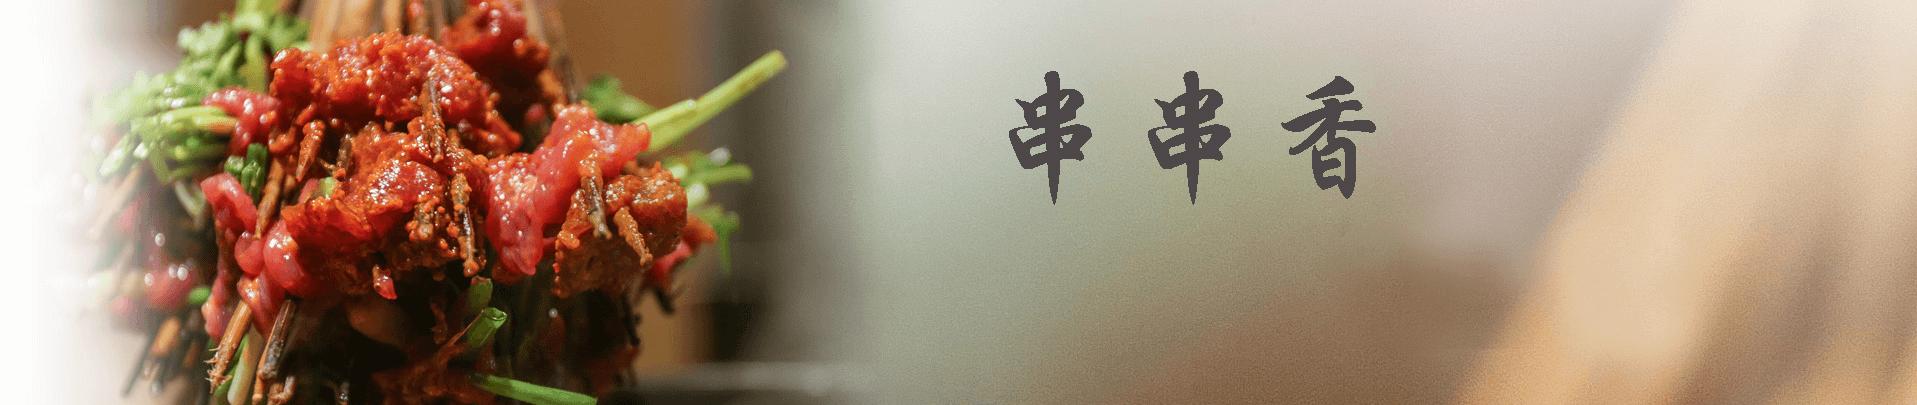 冷锅串串加盟